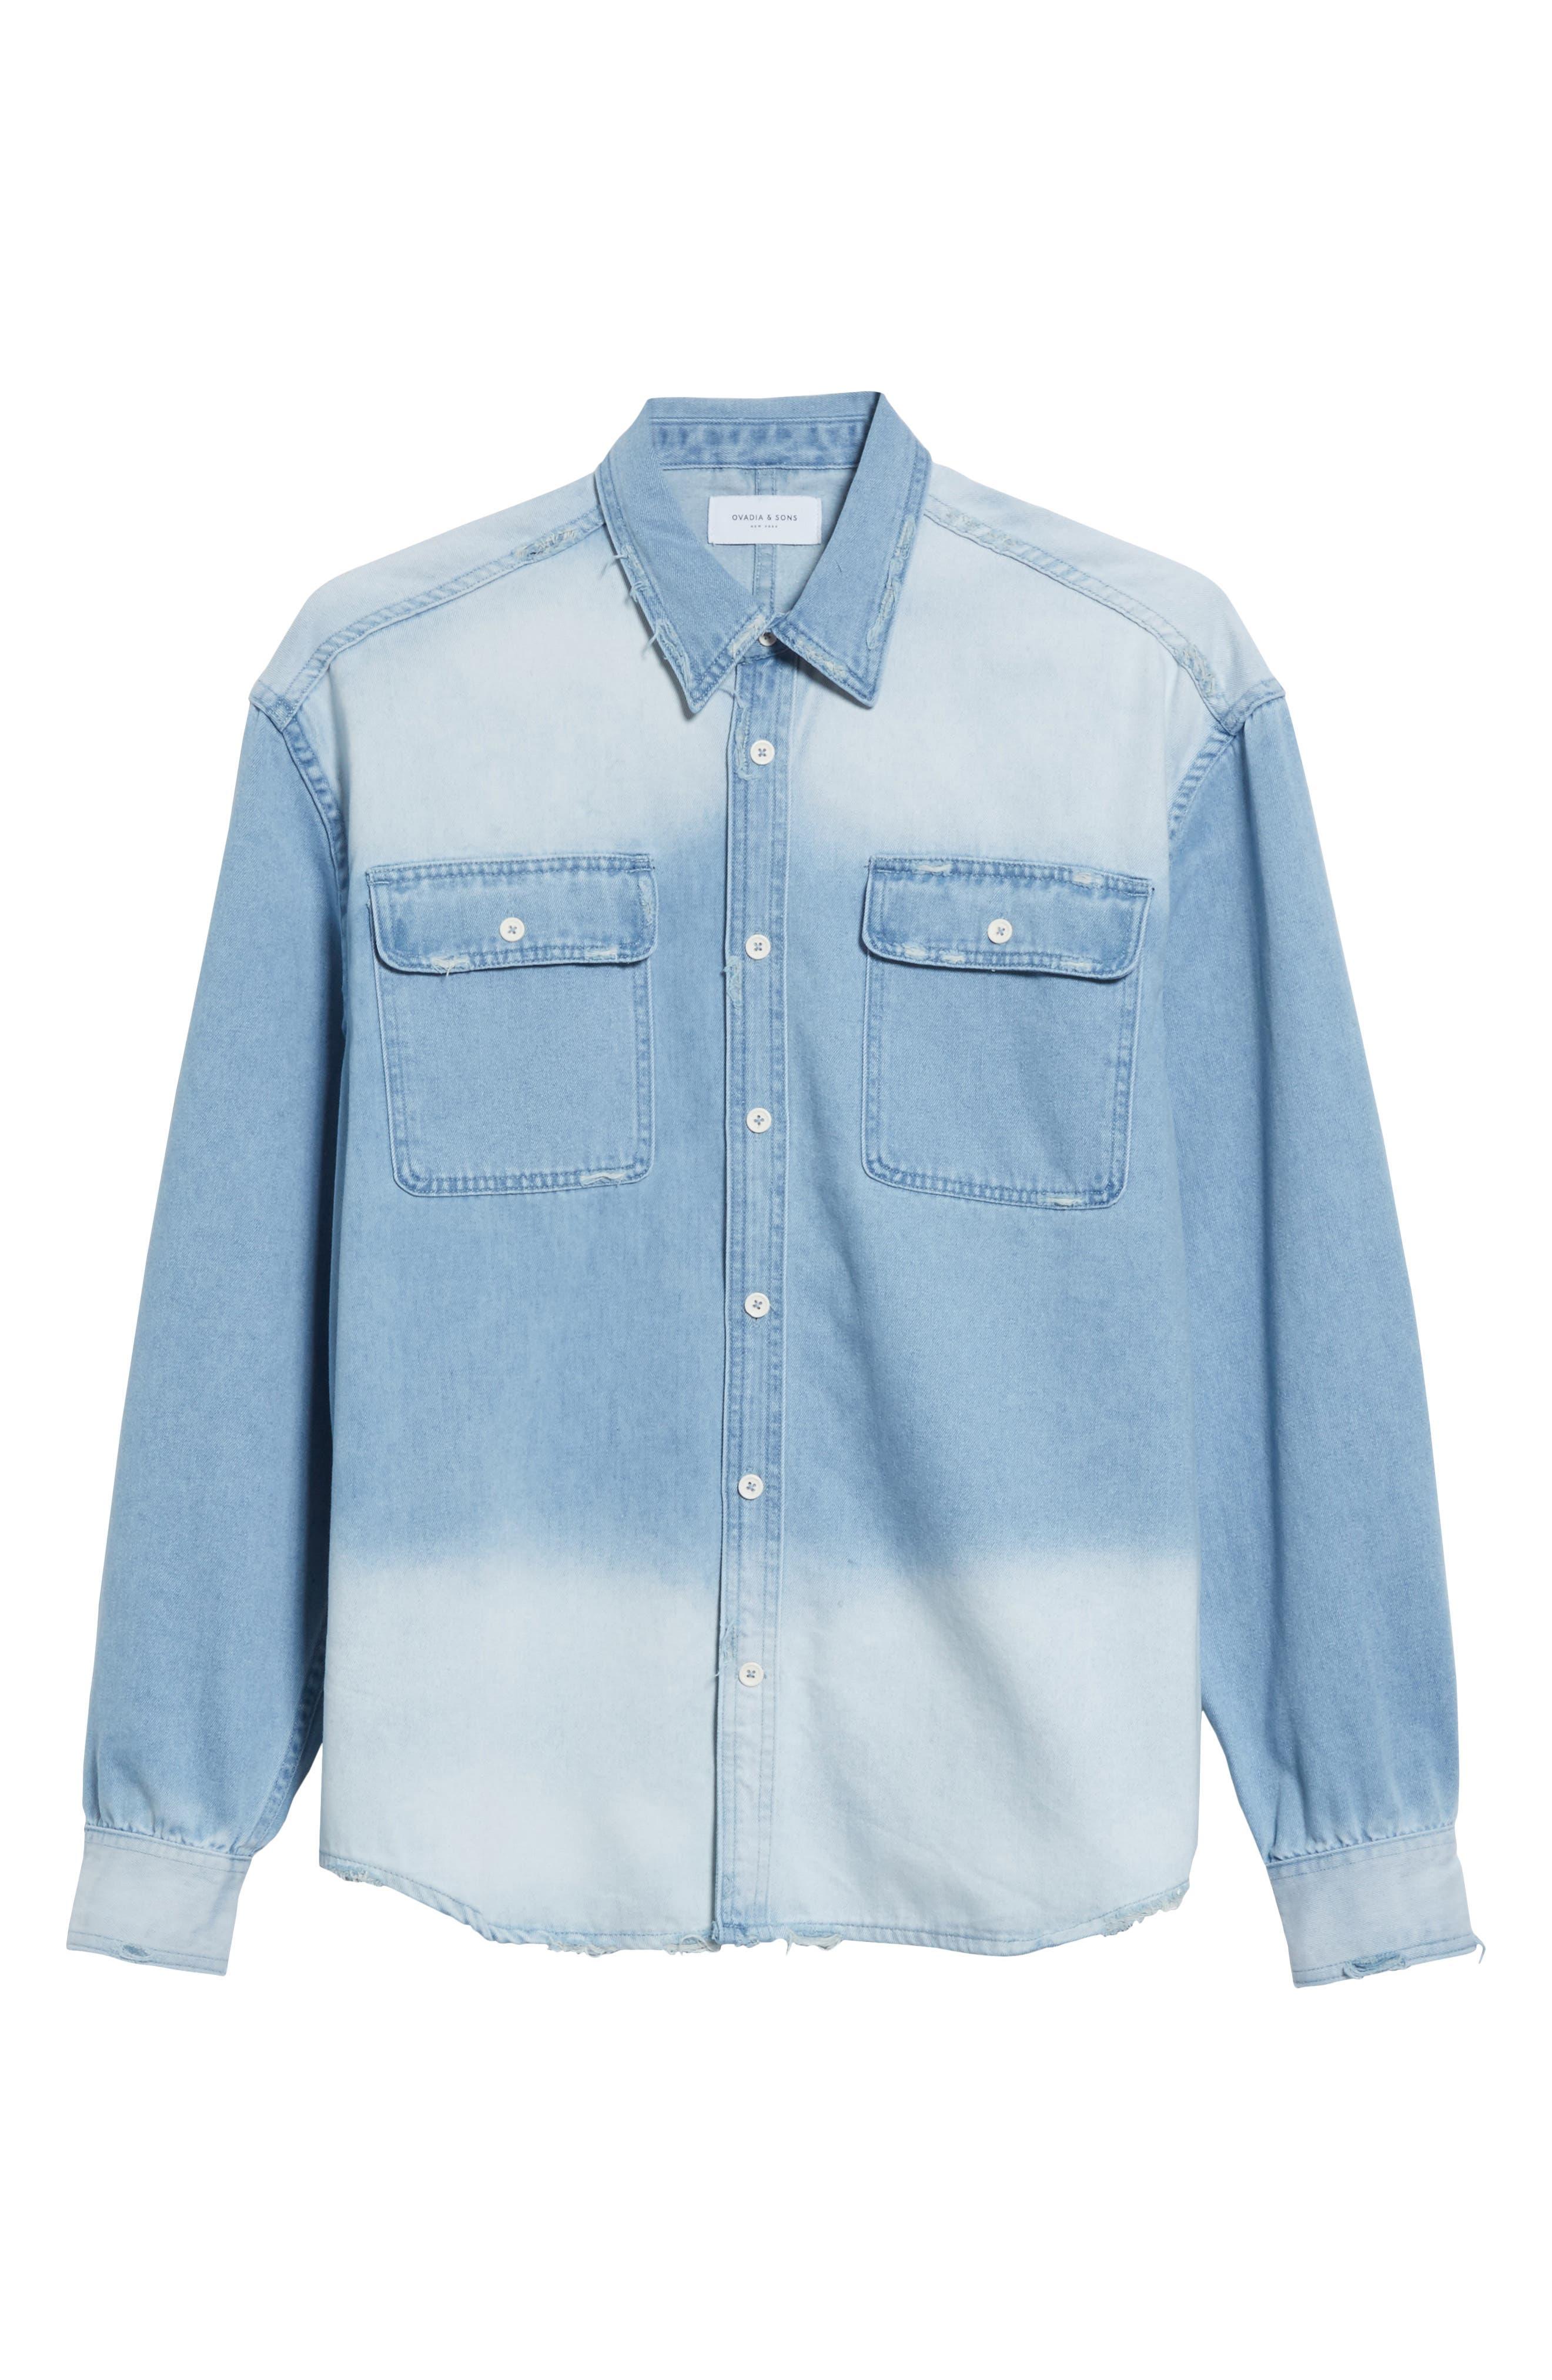 Oversize Distressed Denim Shirt,                             Alternate thumbnail 6, color,                             WASHED DENIM